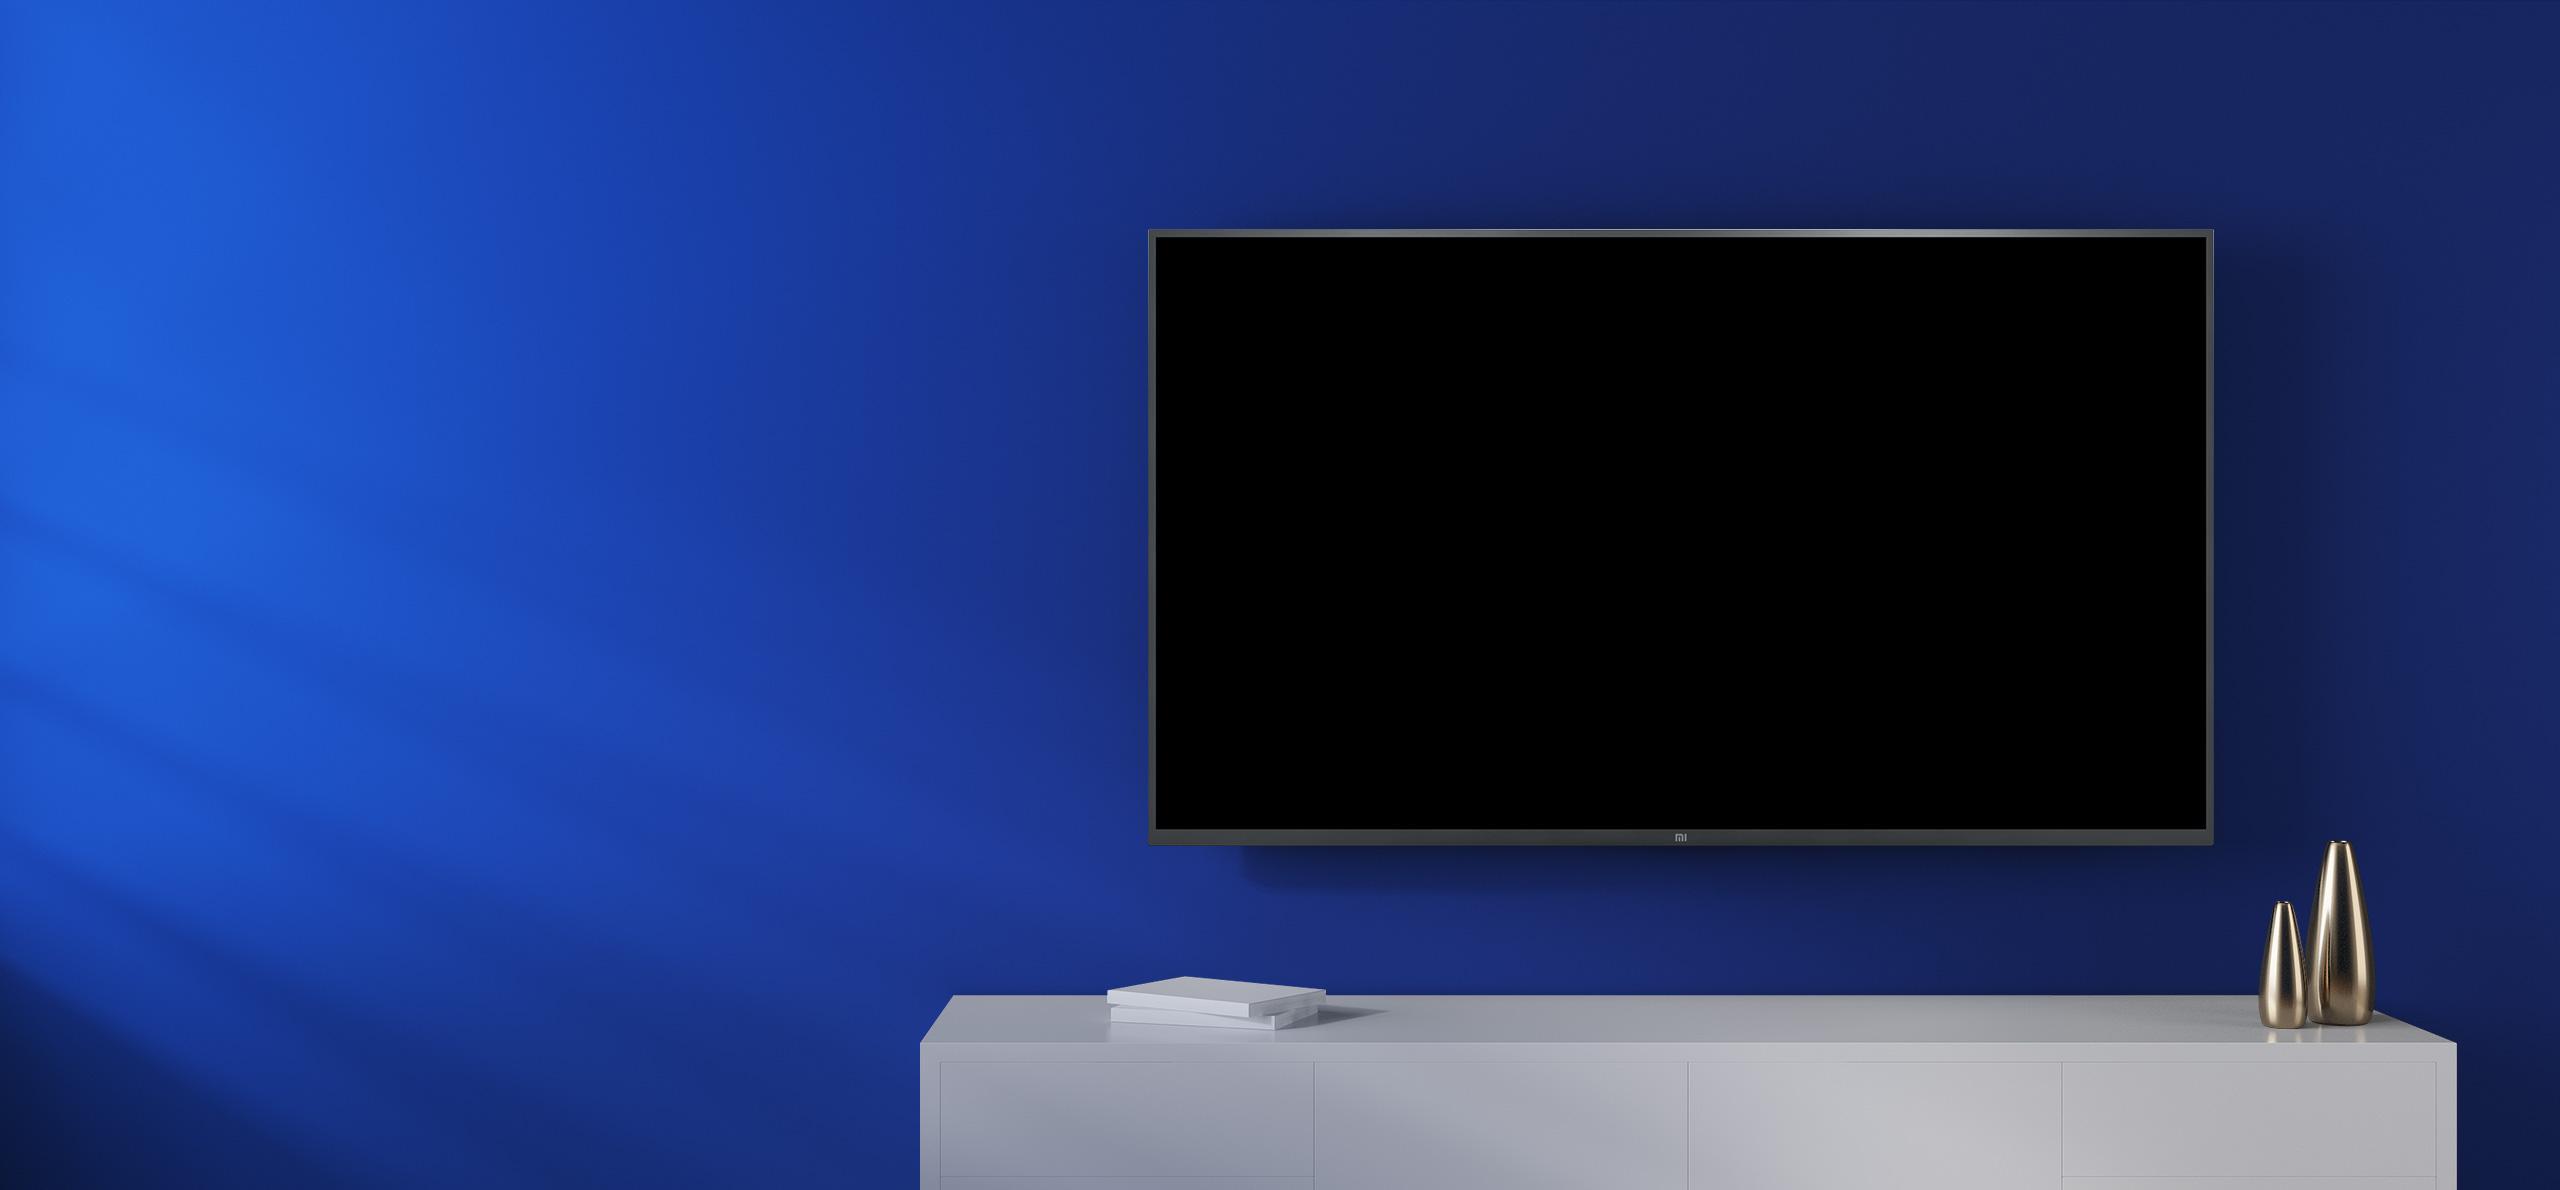 大屏为王时代,激光电视的优势